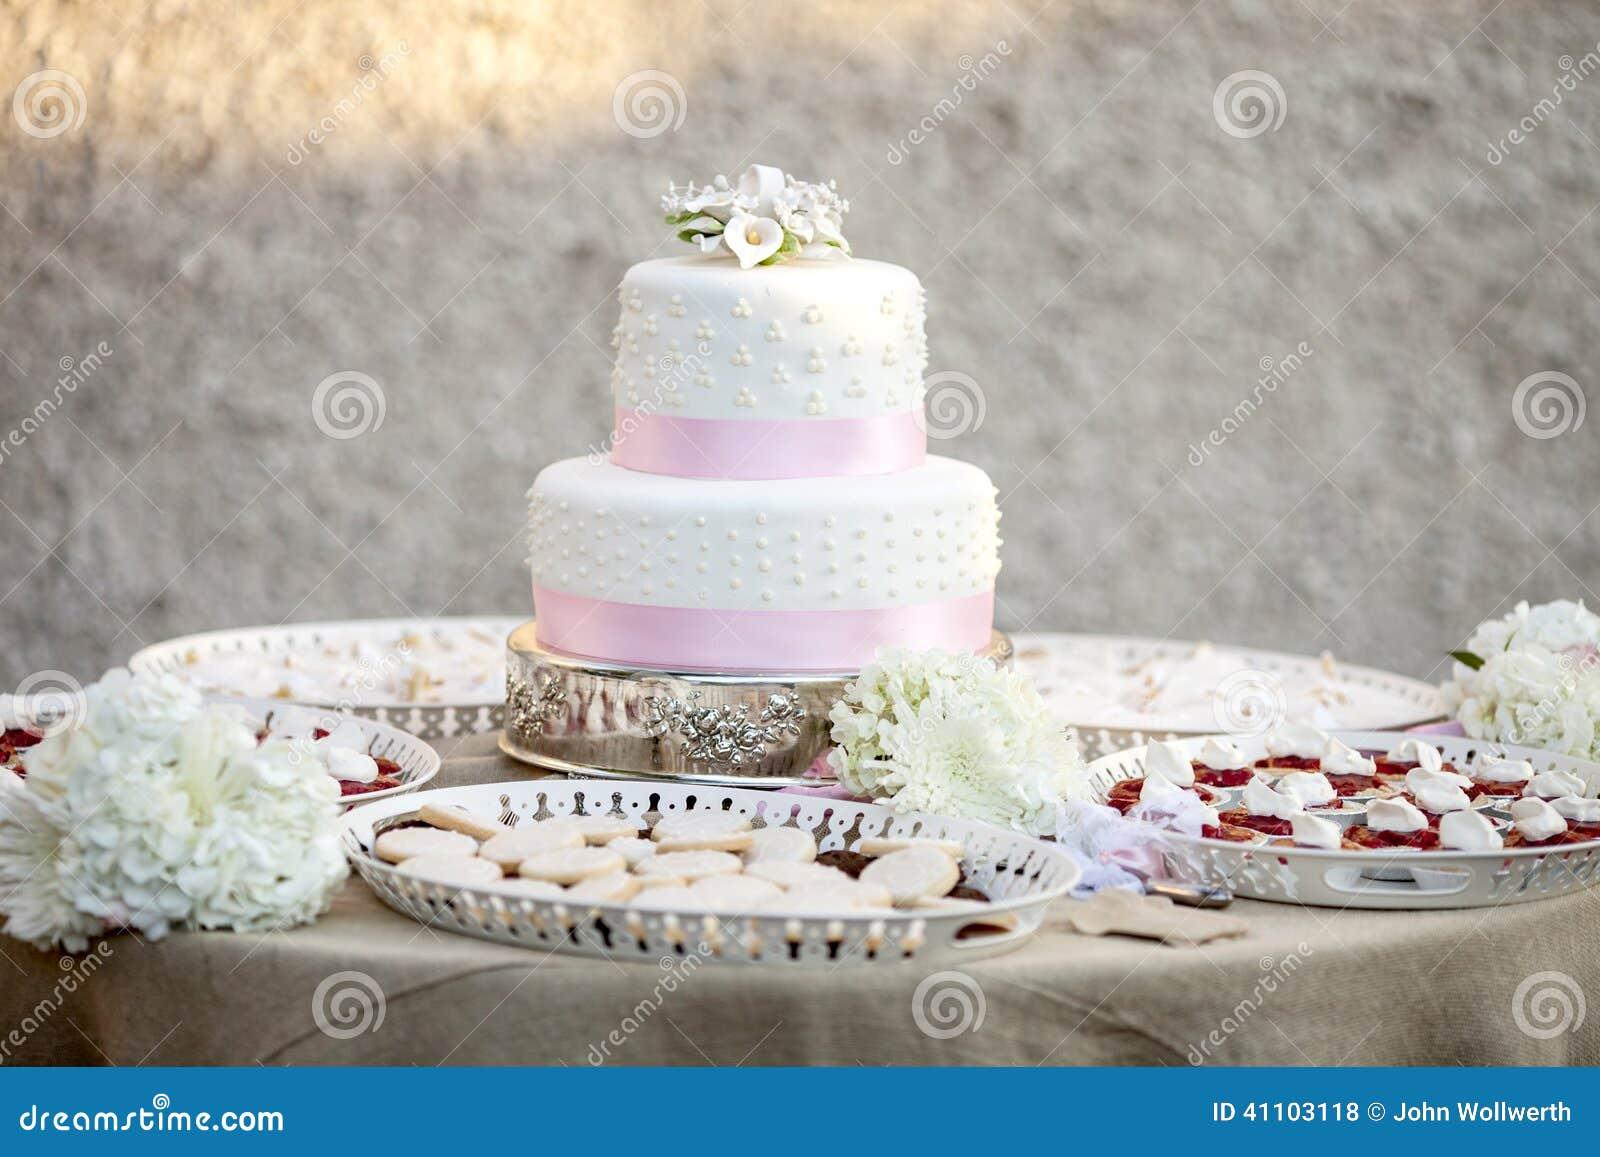 Deux simples gâteau et desserts de mariage à gradins.